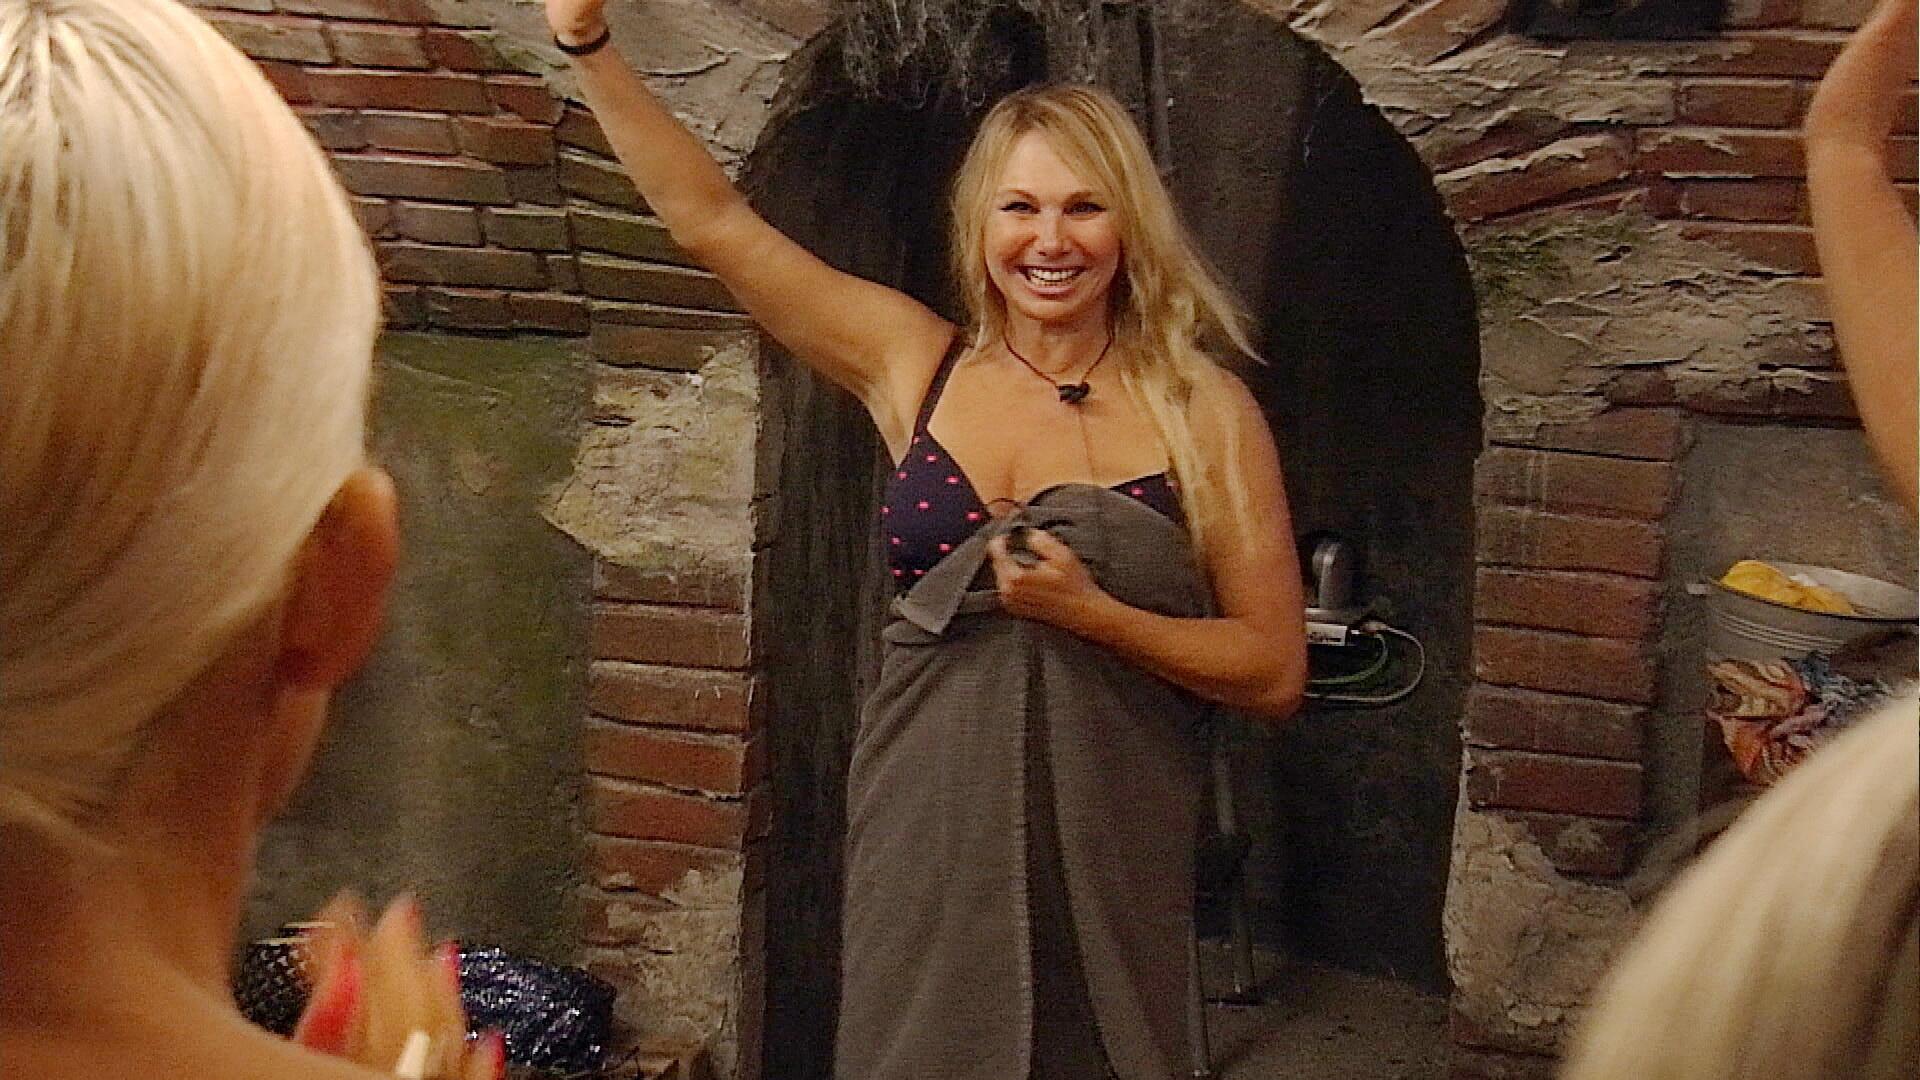 Christine Zierl | Bild 2 von 7 | Moviepilot.de